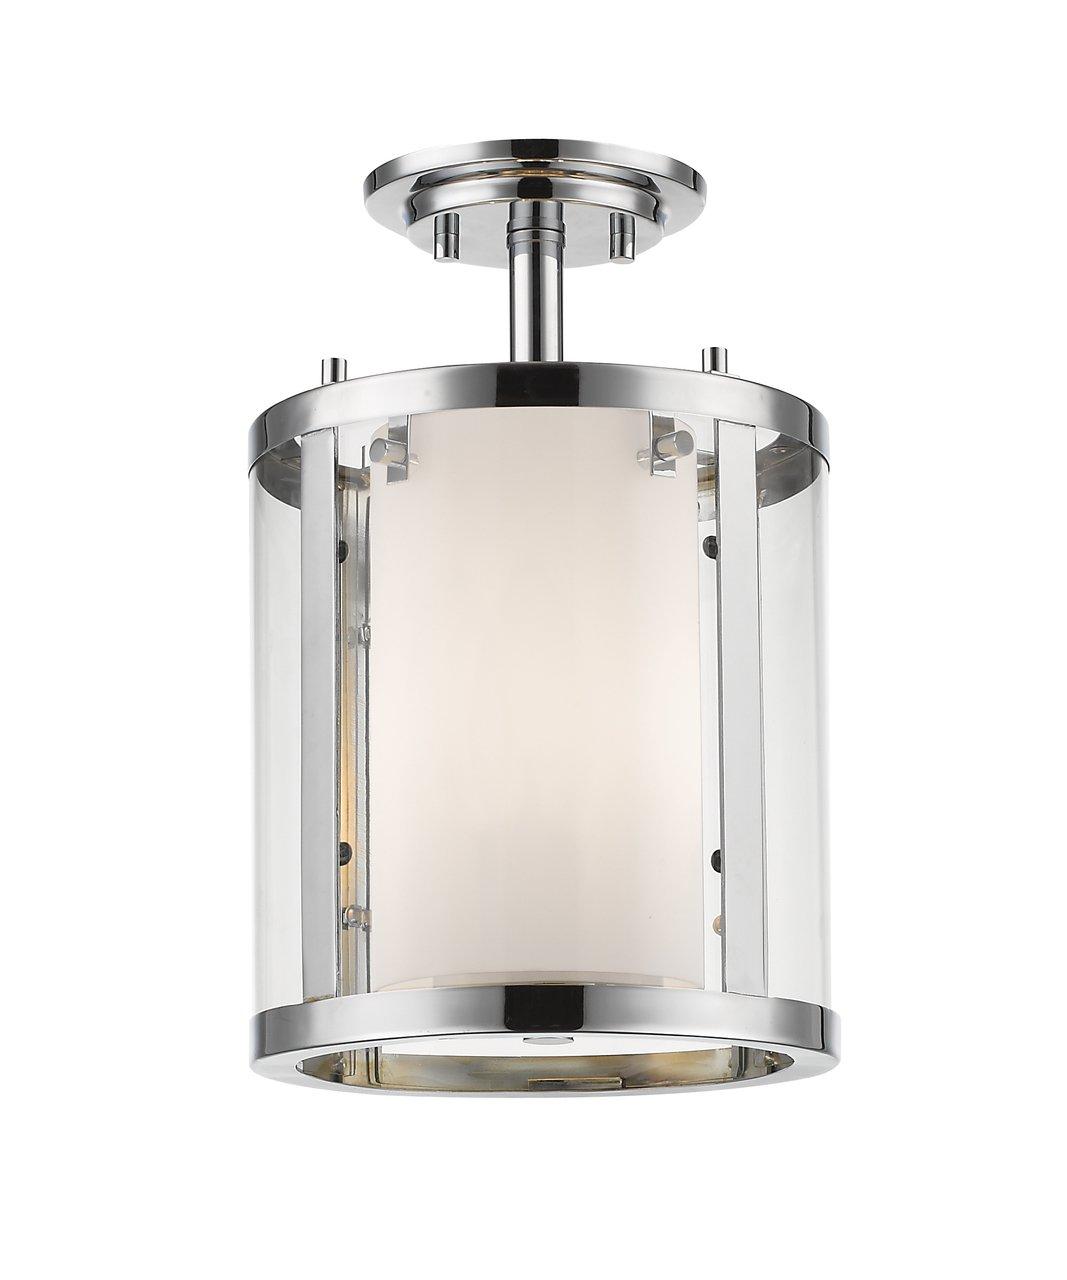 Z-Lite 426SF-CH 3 Light Semi-Flush Mount 3 by Z-Lite